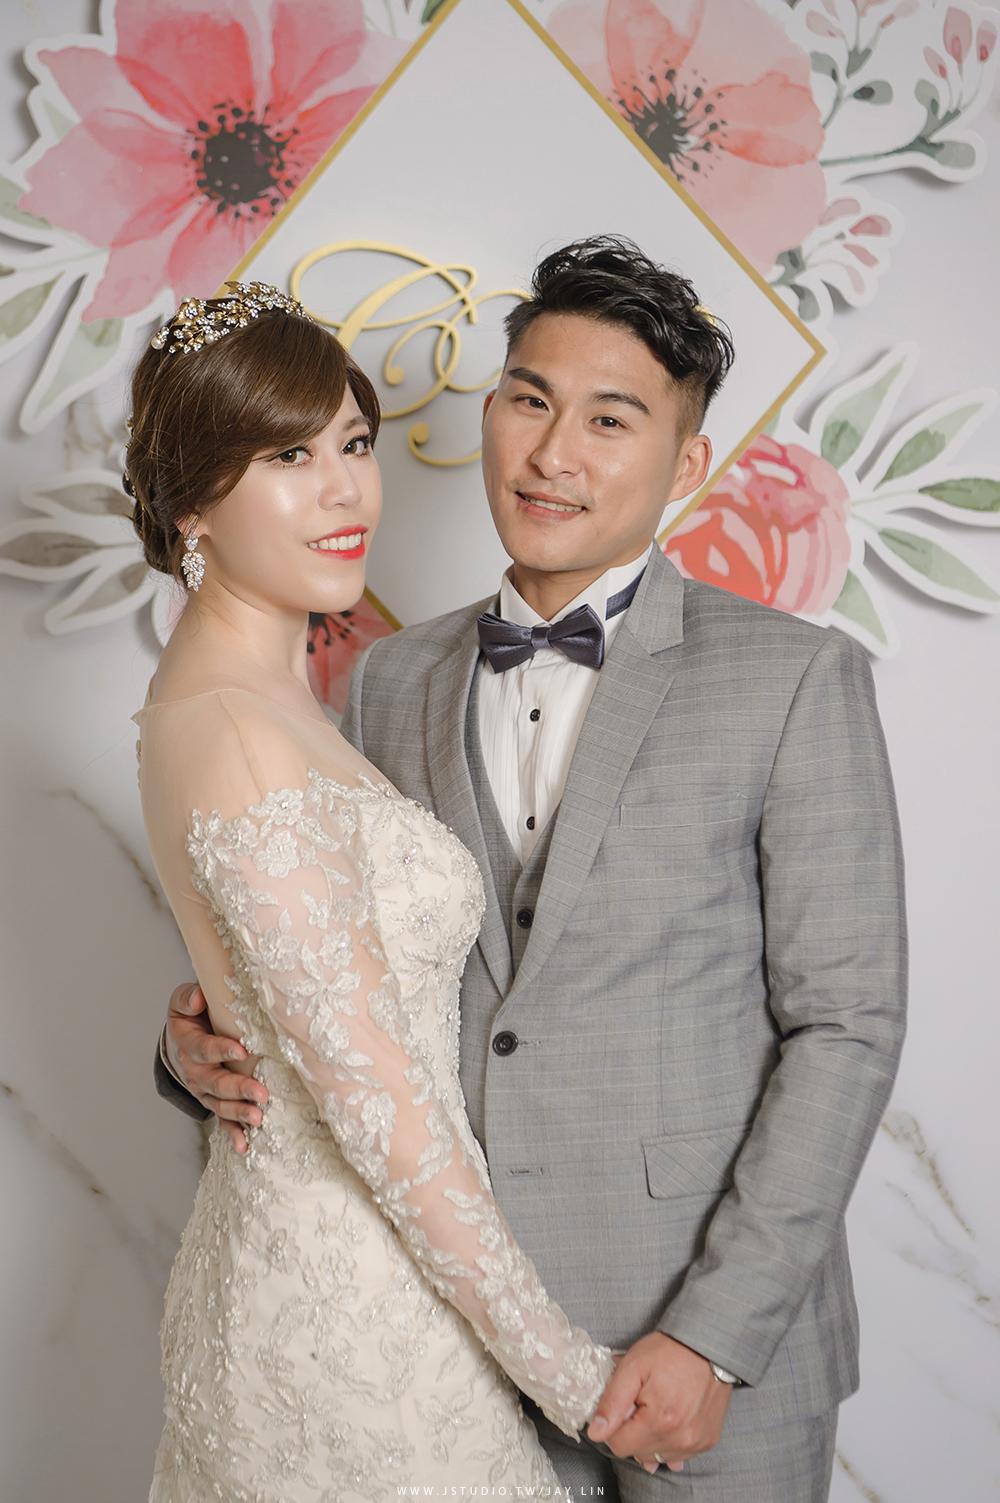 婚攝 台北婚攝 婚禮紀錄 婚攝 推薦婚攝 世貿三三 JSTUDIO_0096